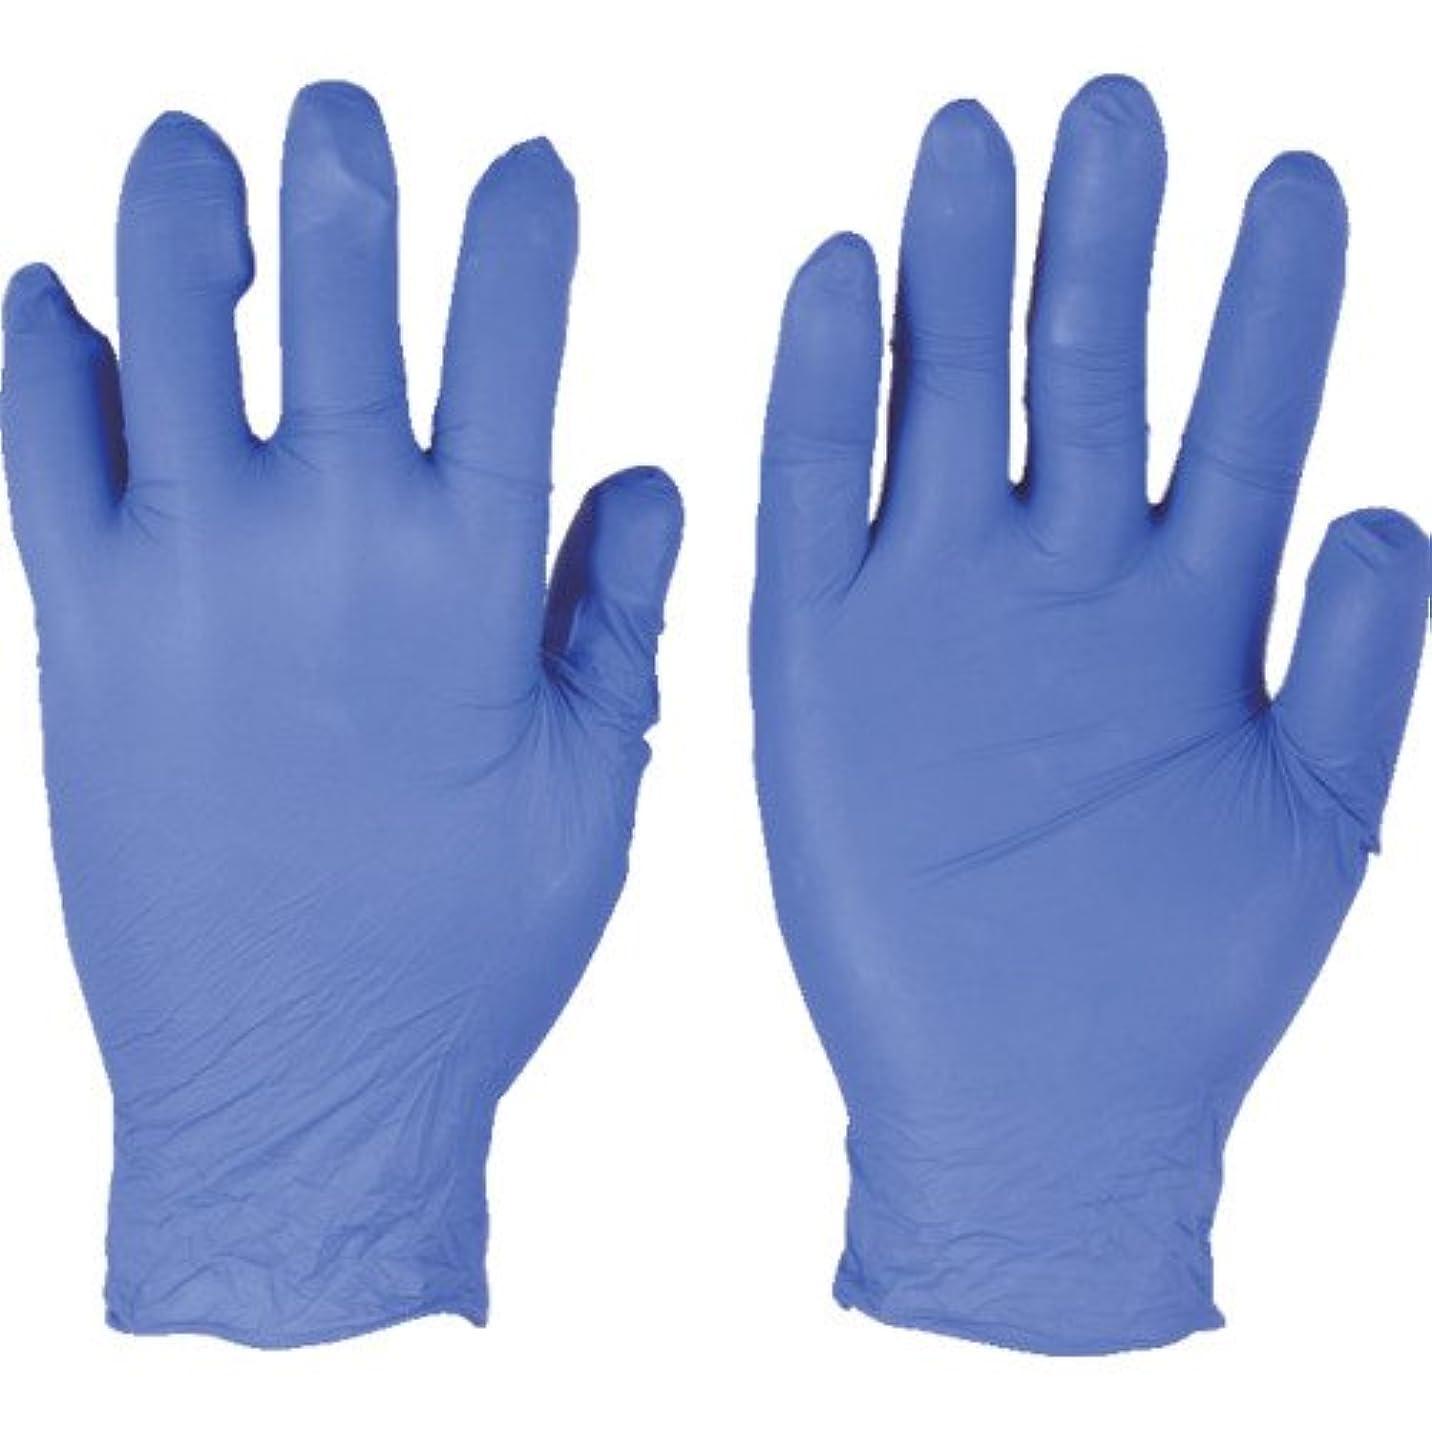 ファンブル熱帯の歌手トラスコ中山 アンセル ニトリルゴム使い捨て手袋 エッジ 82-133 Sサイズ(300枚入り)  (300枚入) 821337